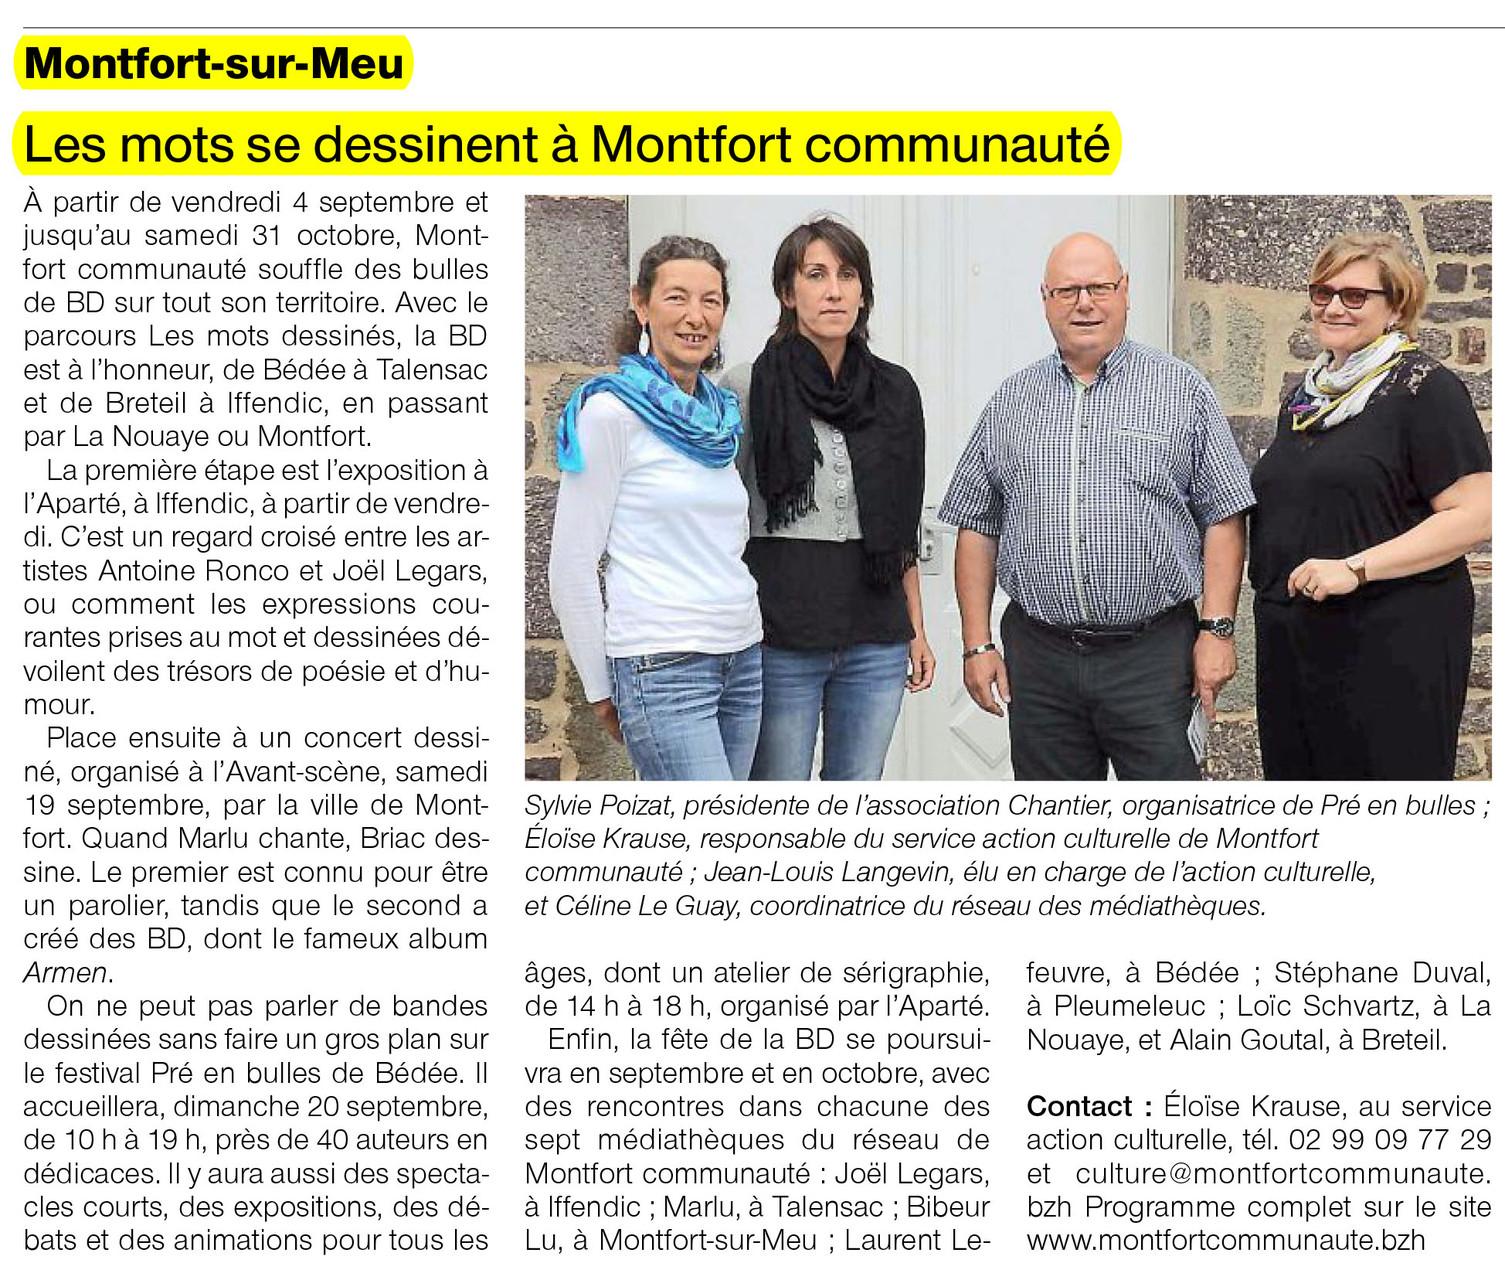 Ouest-France - 29 août 2015